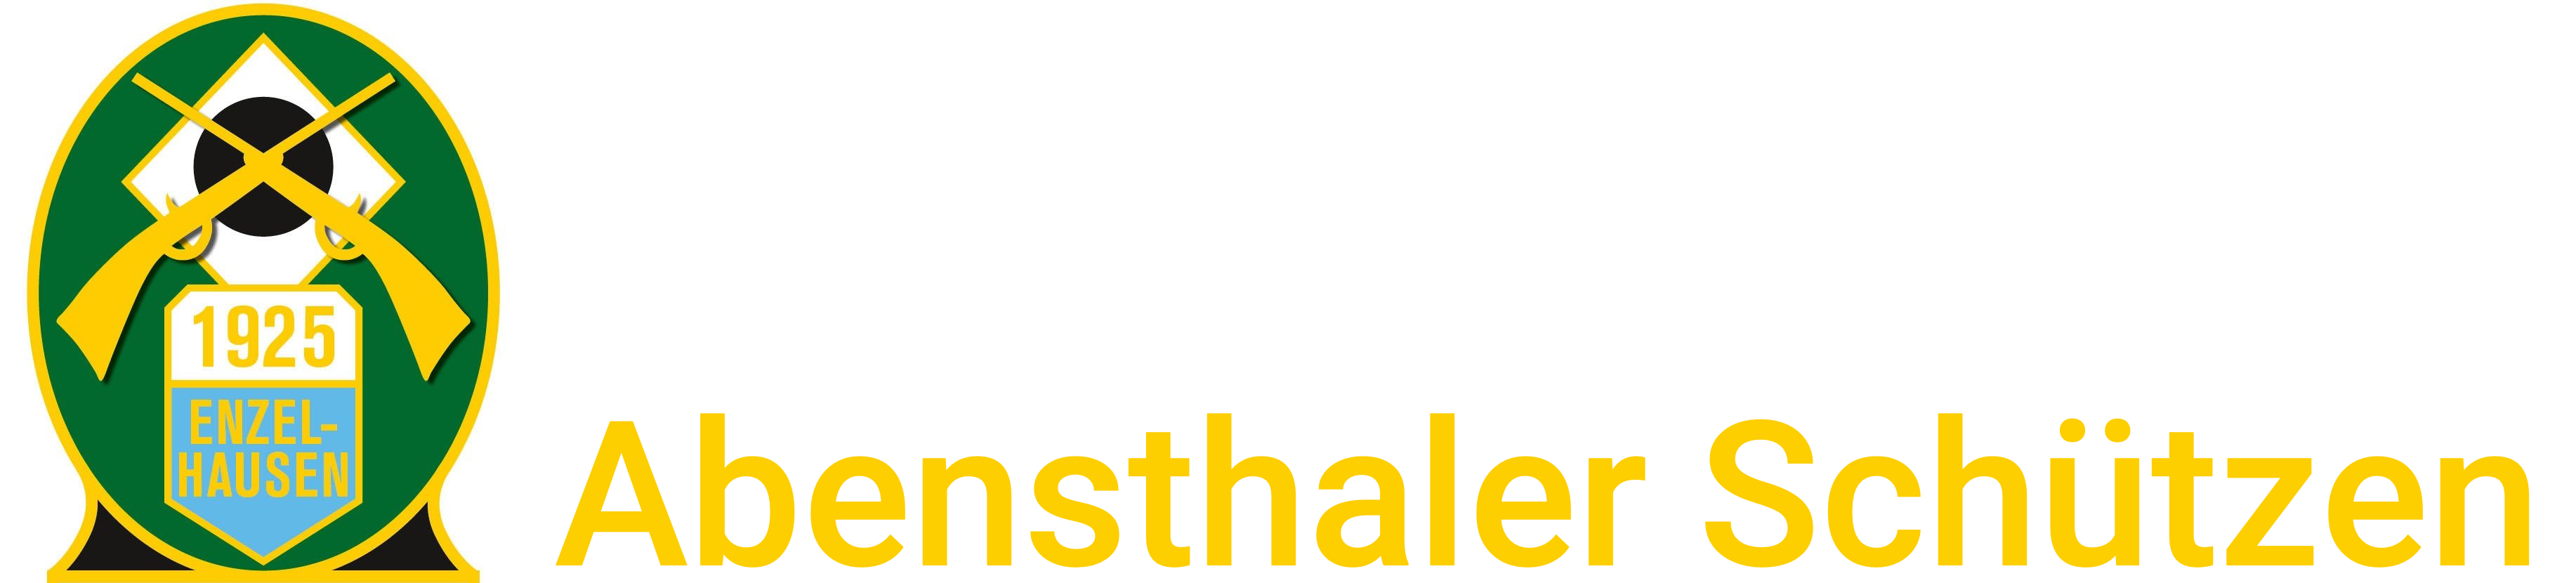 Abensthaler Schützen Enzelhausen e.V.